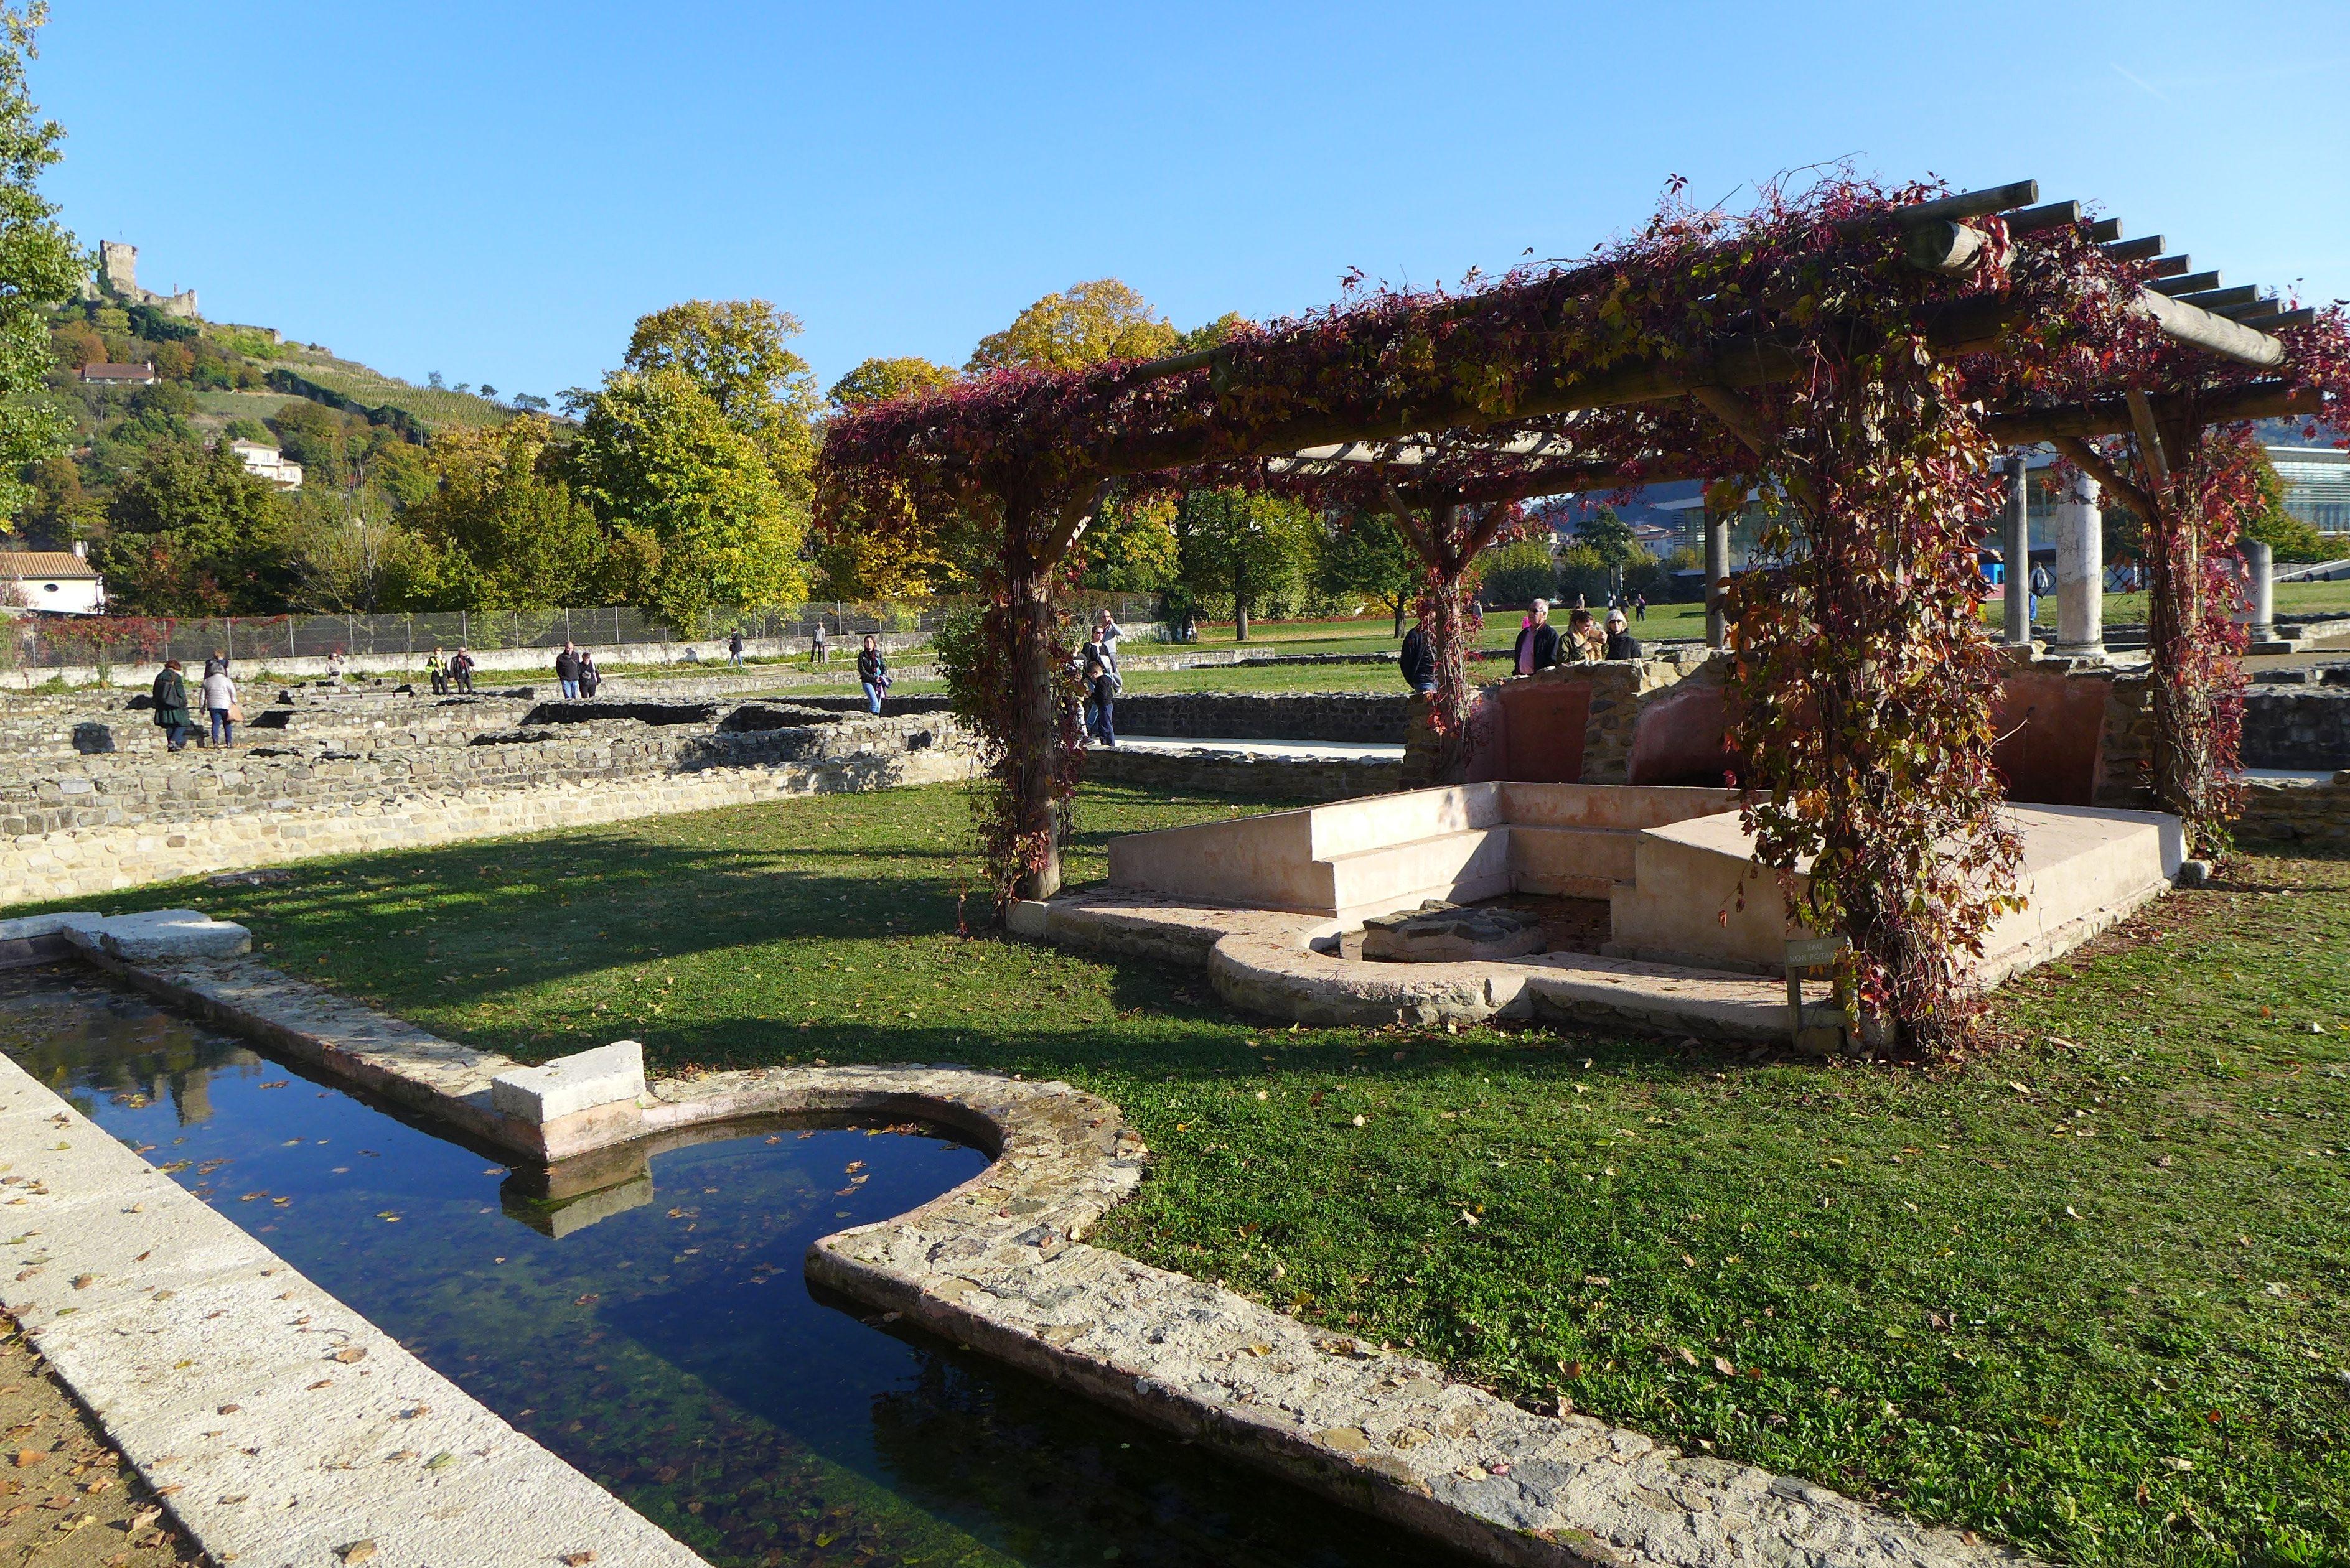 Bassin maison aux cinq mosaïques, Musée Saint Romain en Gal, région de Lyon